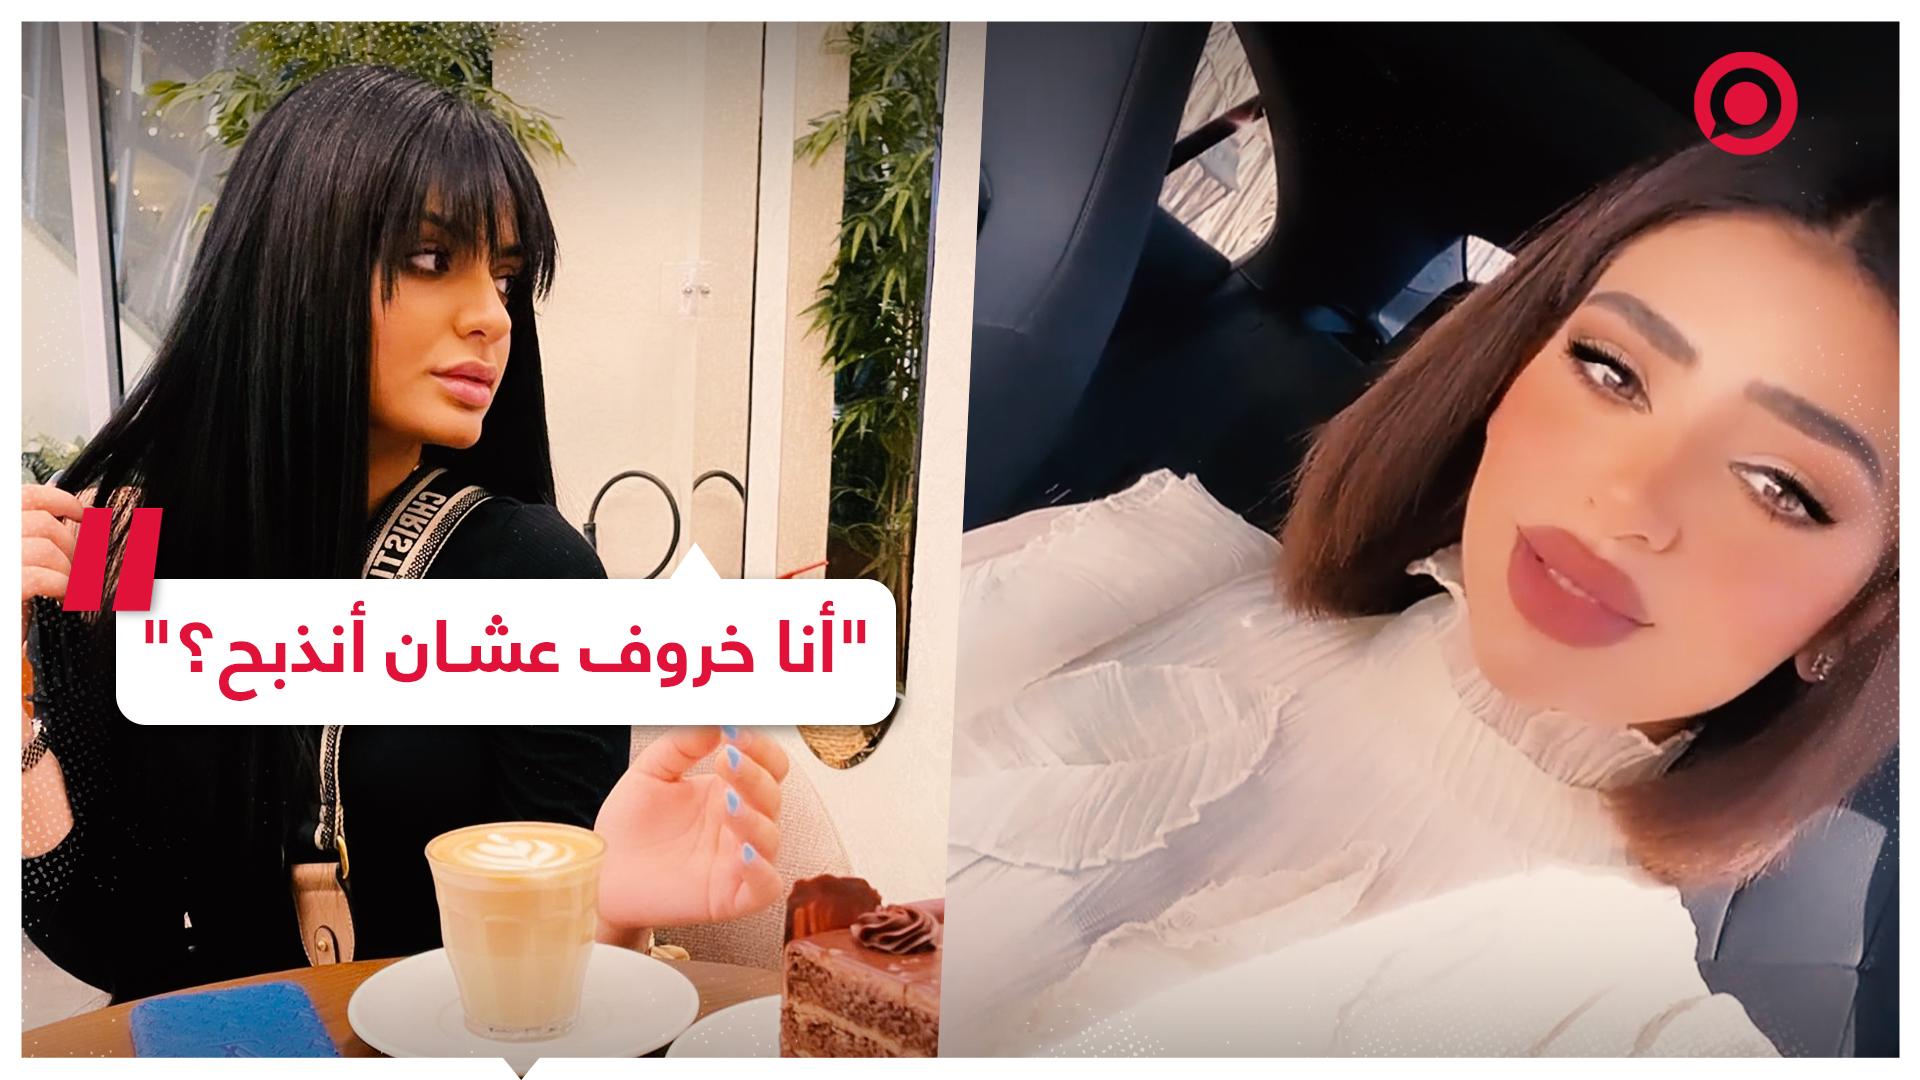 ممثلة أردنية تزعم تعرضها لتهديدات بالقتل من قبل عائلة والدها